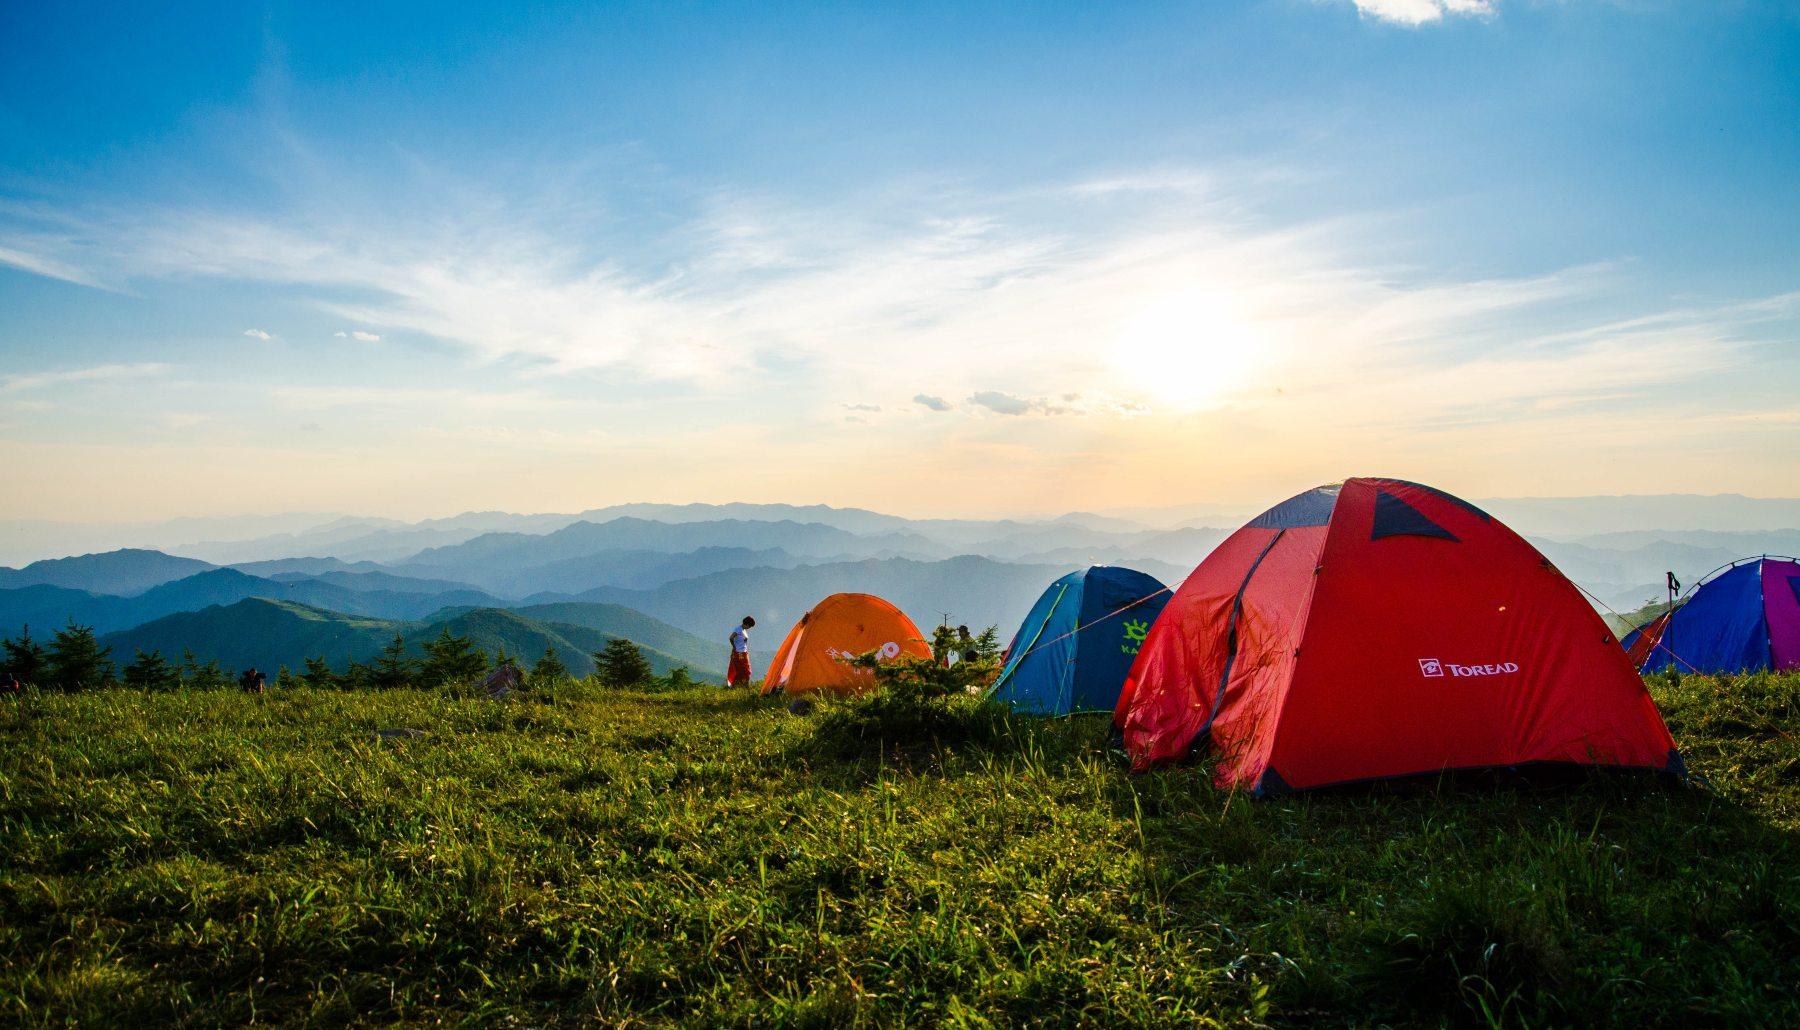 Ir de camping este verano con Lidl